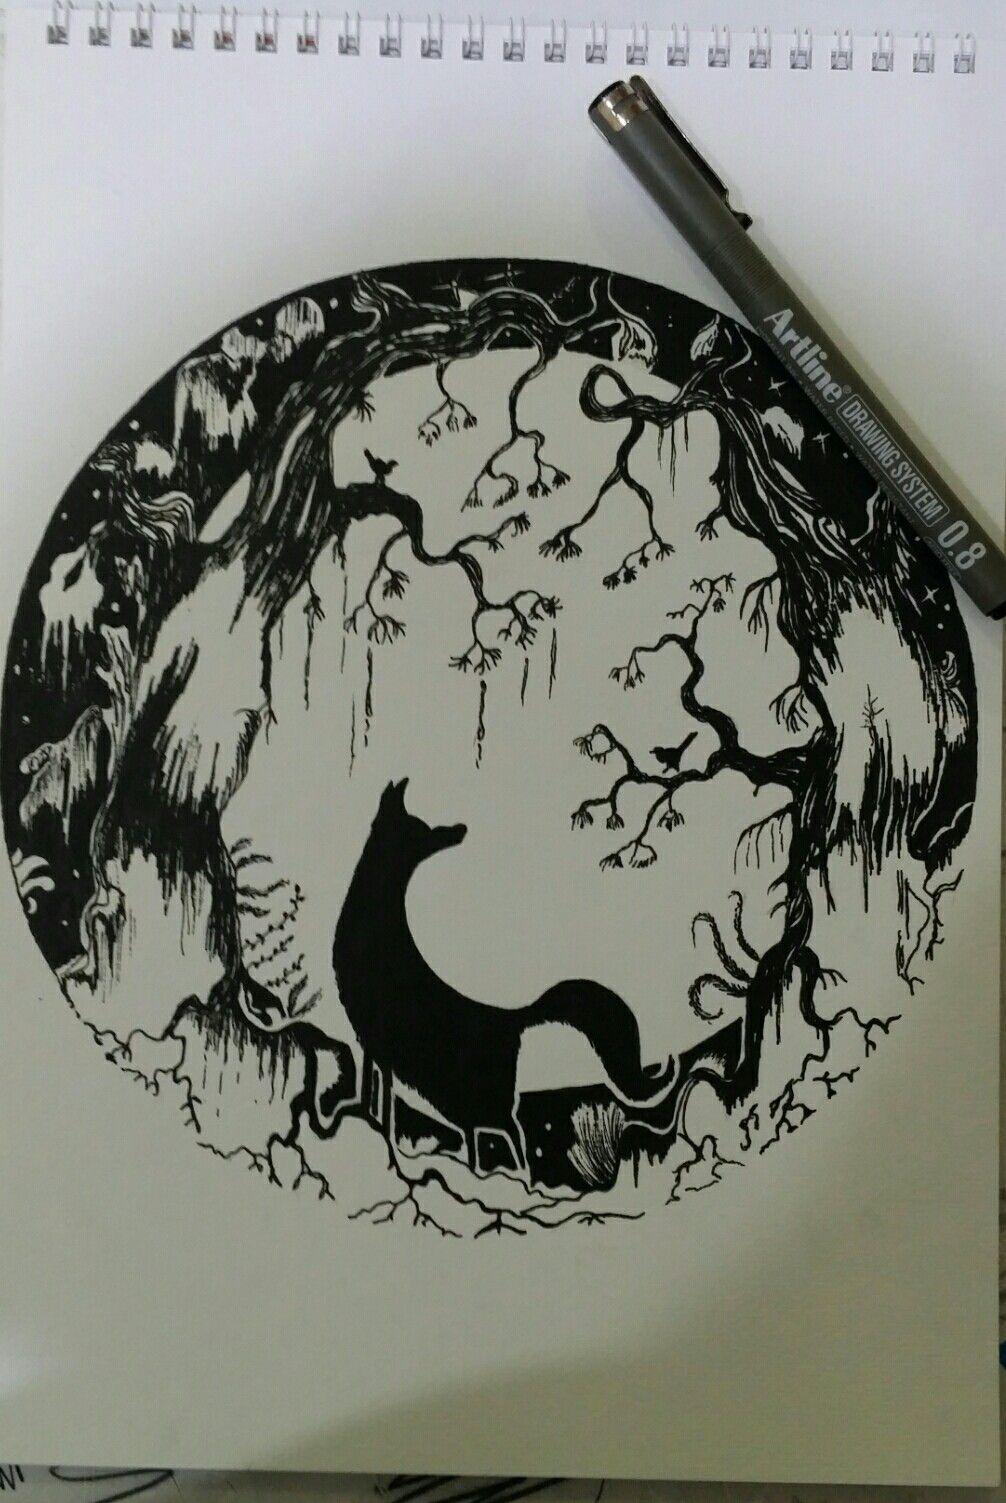 من أعمالي رسم بالقلم الأسود جدة 0549743660 Art Calligraphy Arabic Calligraphy